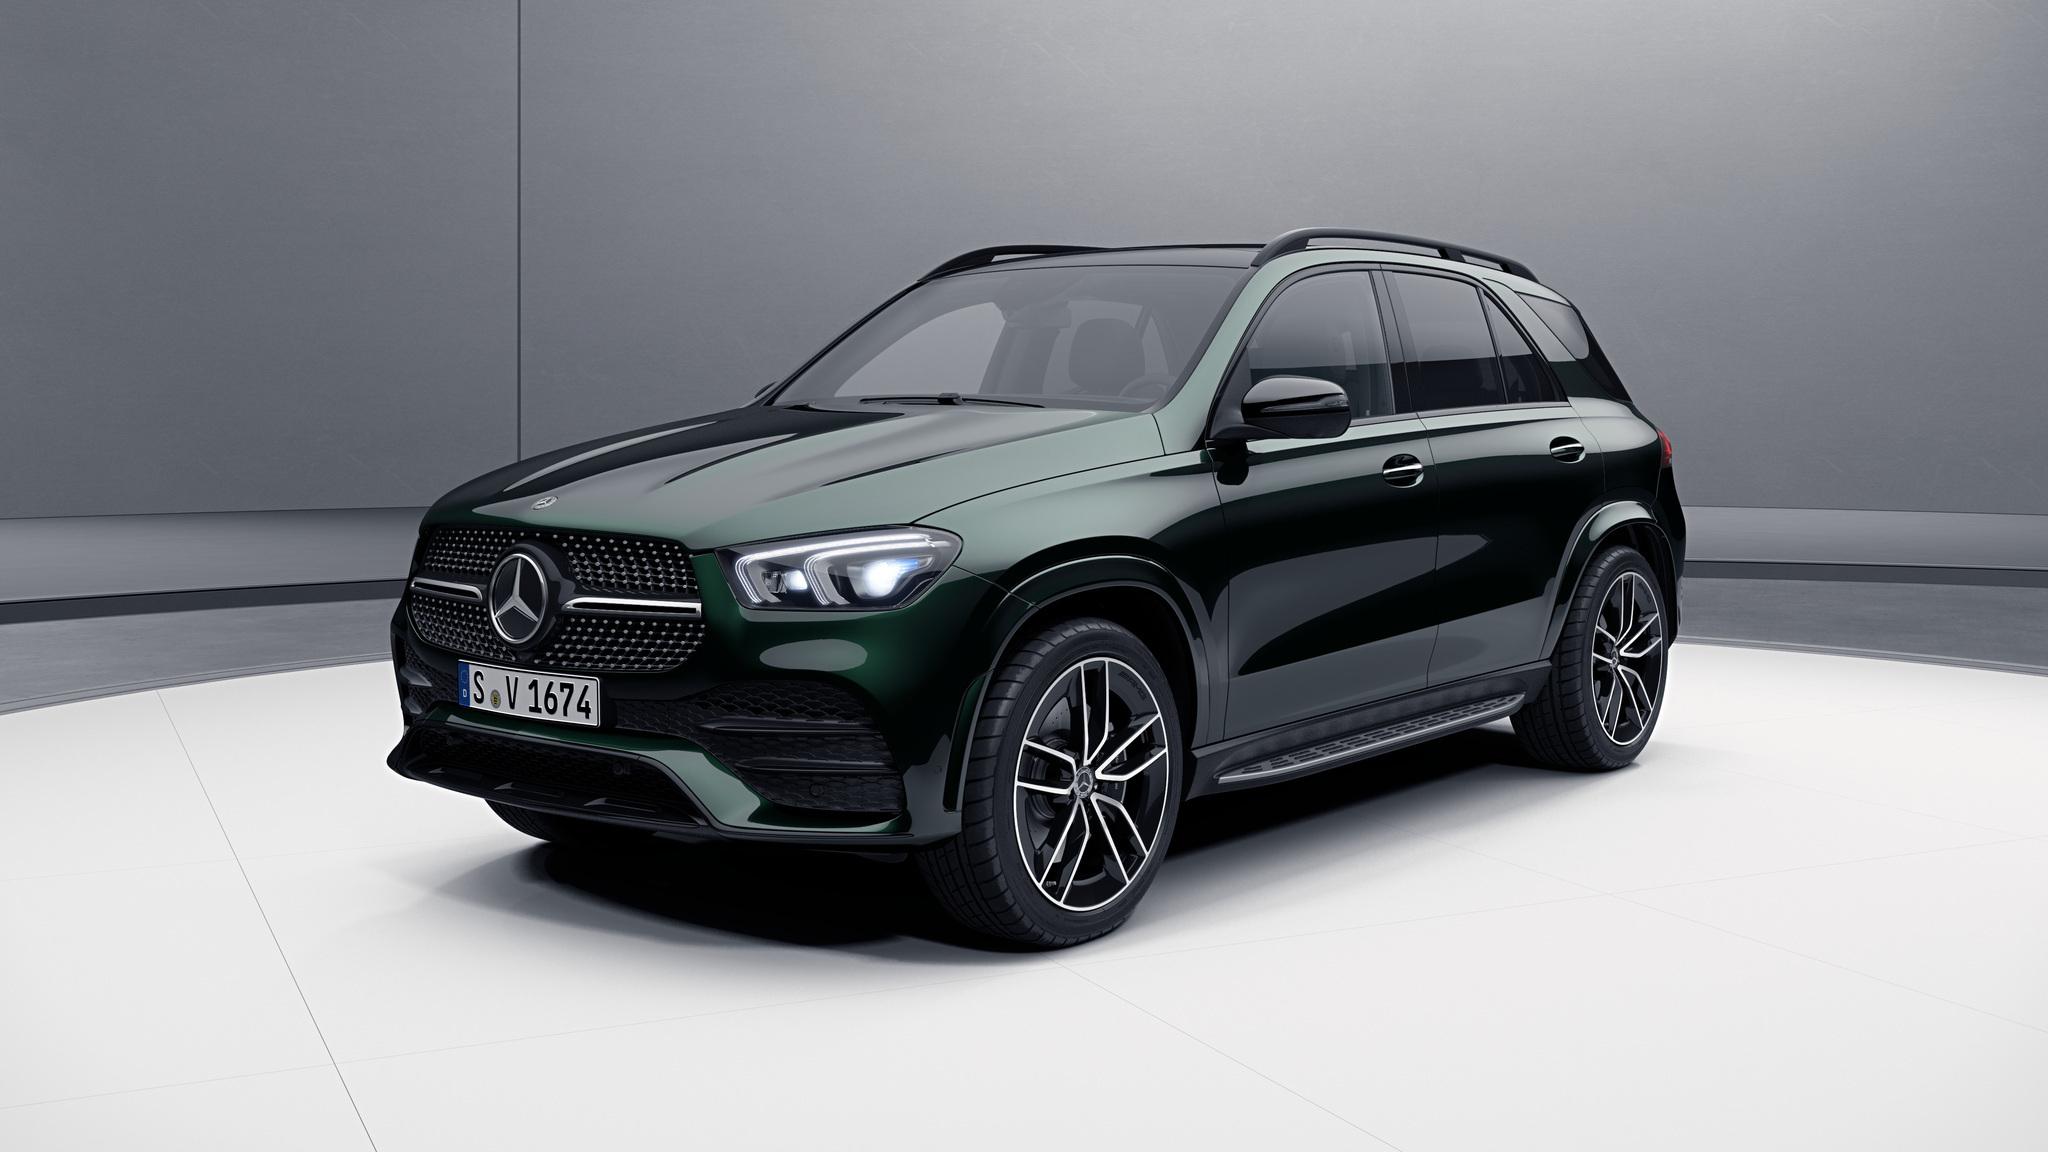 Vue de trois quarts de profil de la Mercedes GLE avec la peinture Métallisé - vert émeraude